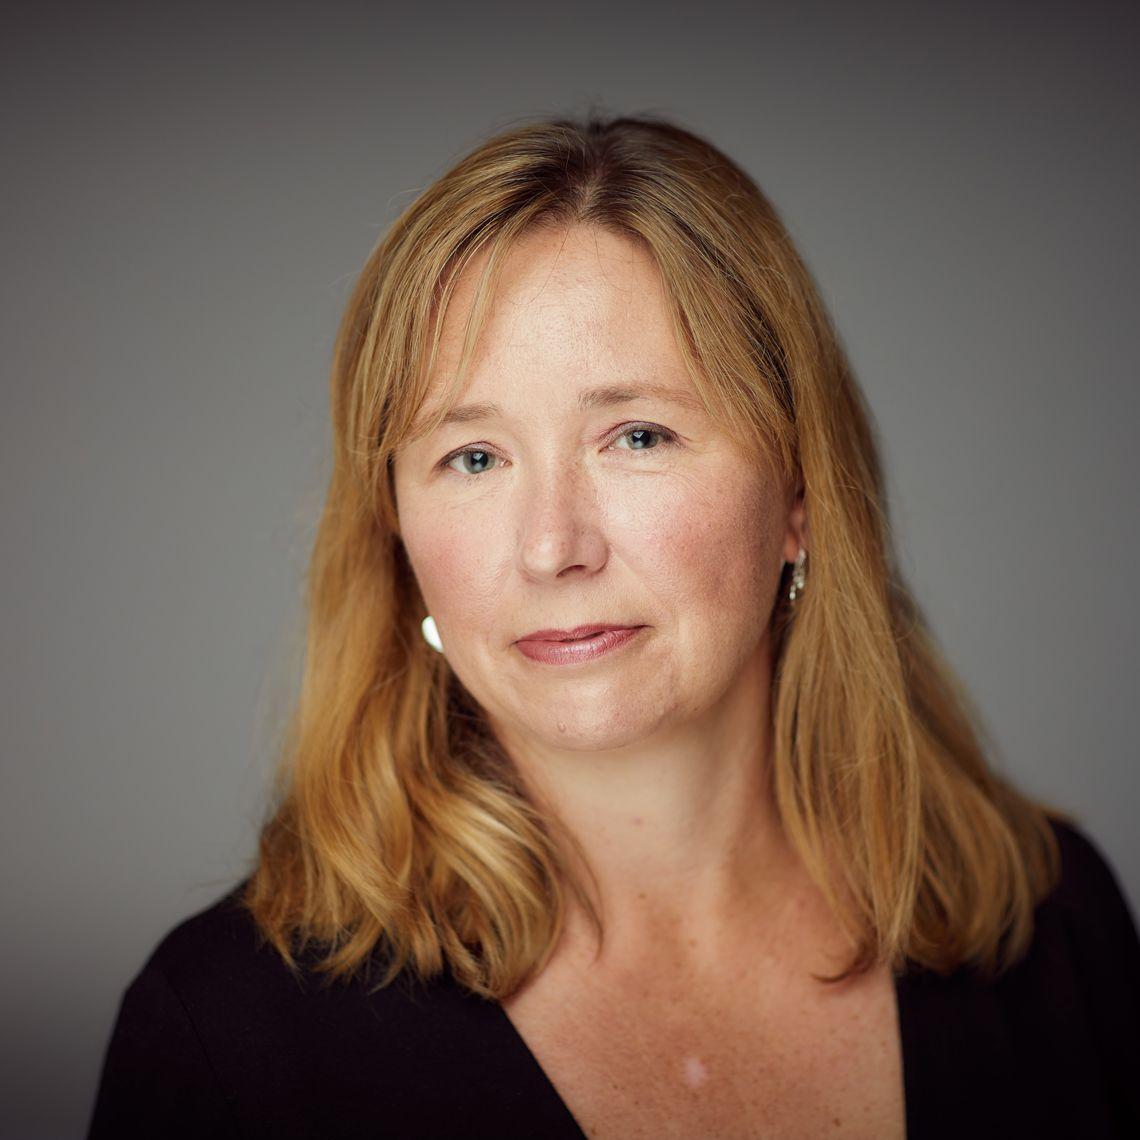 Melanie Mclellan